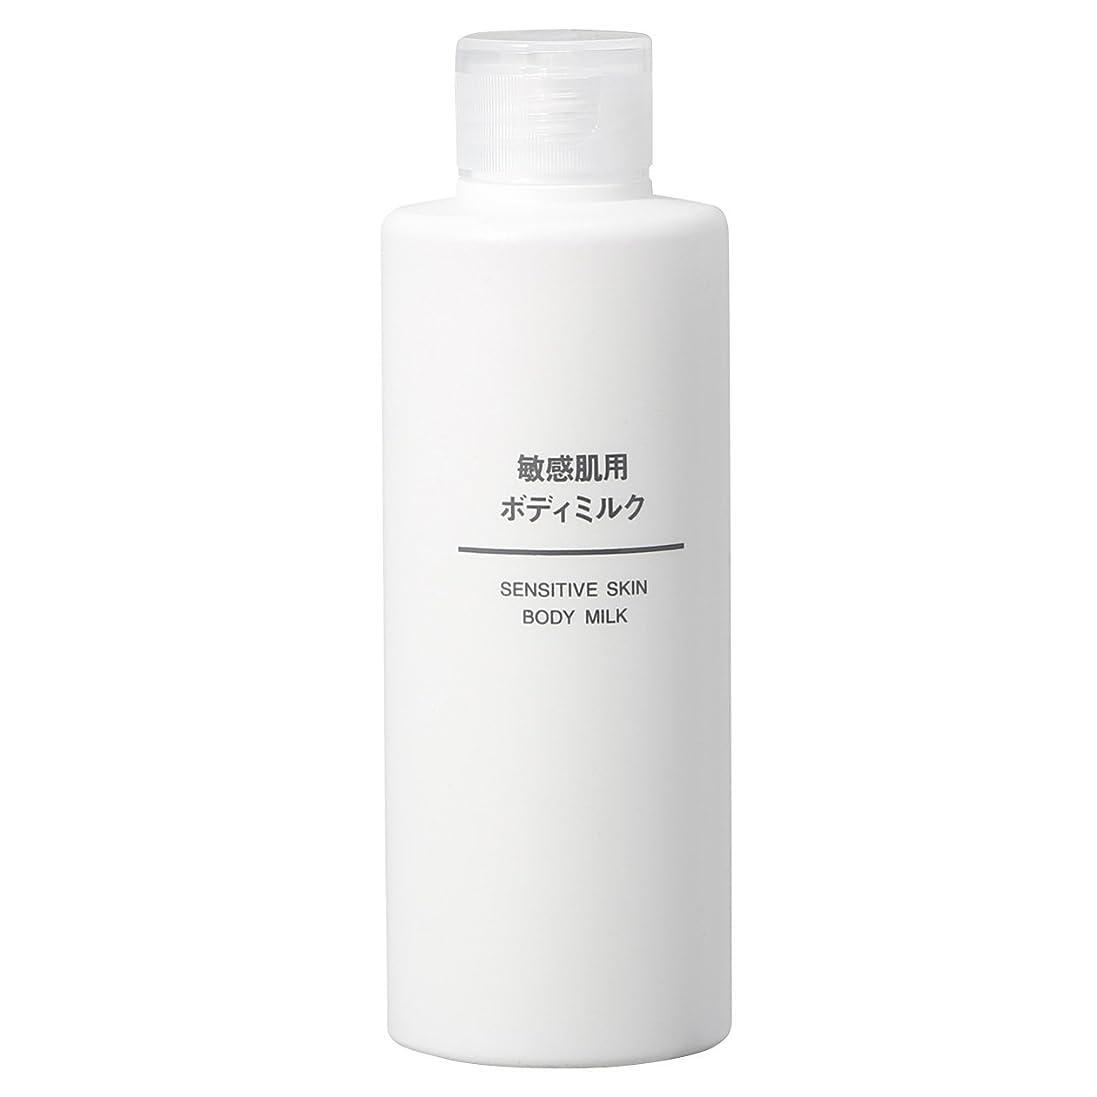 ジェスチャーめんどりめんどり無印良品 敏感肌用 ボディミルク 200ml 日本製